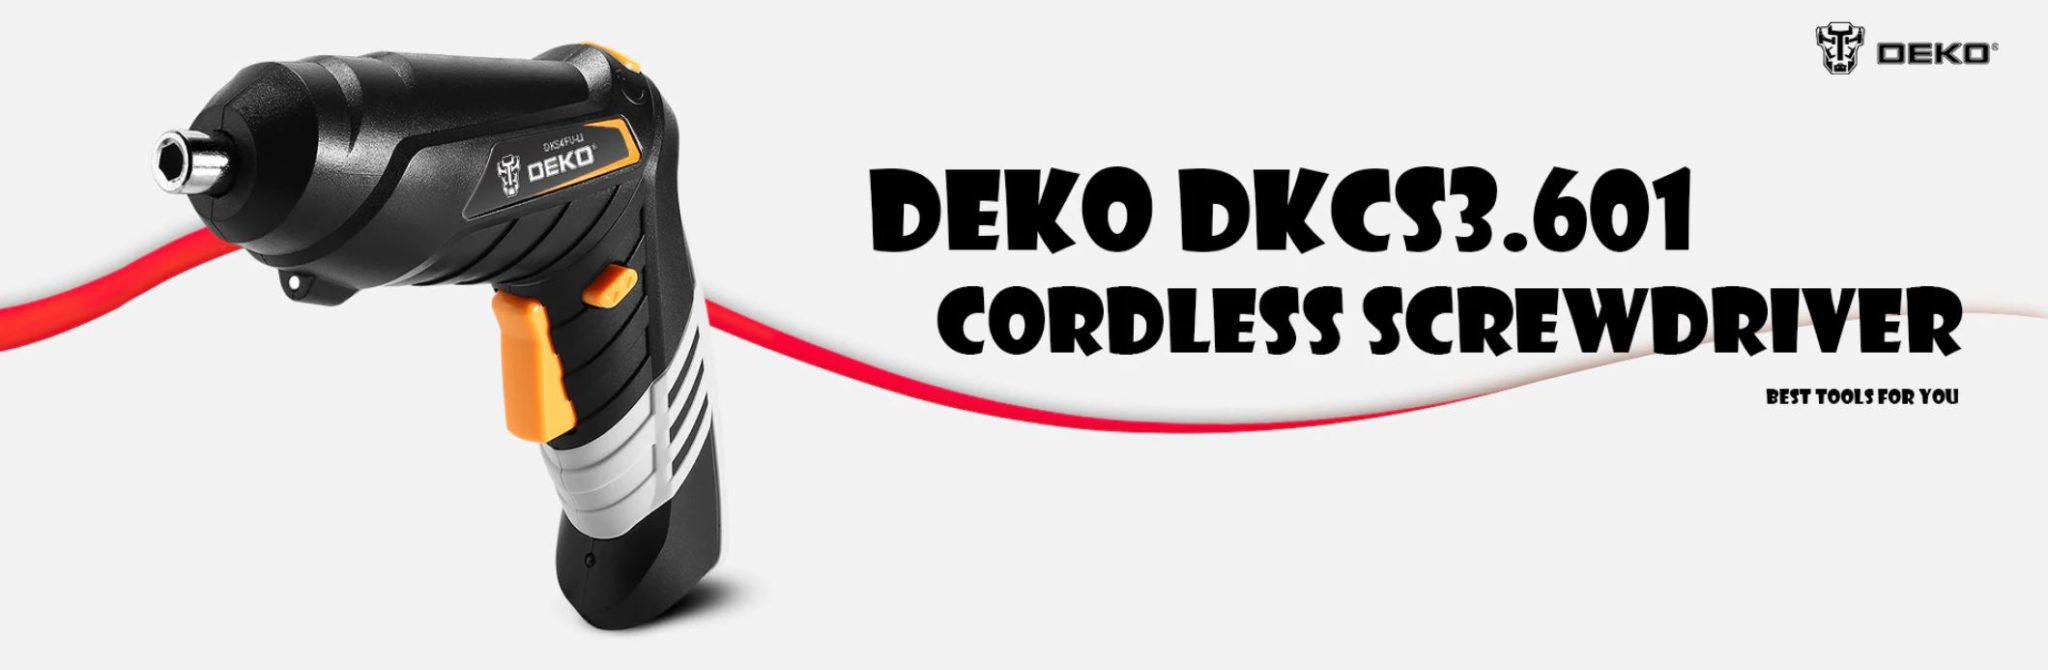 Najlepsze narzędzia z Aliexpress - promocja produktów marki DEKO - wkrętarka DEKO DKCS3.601